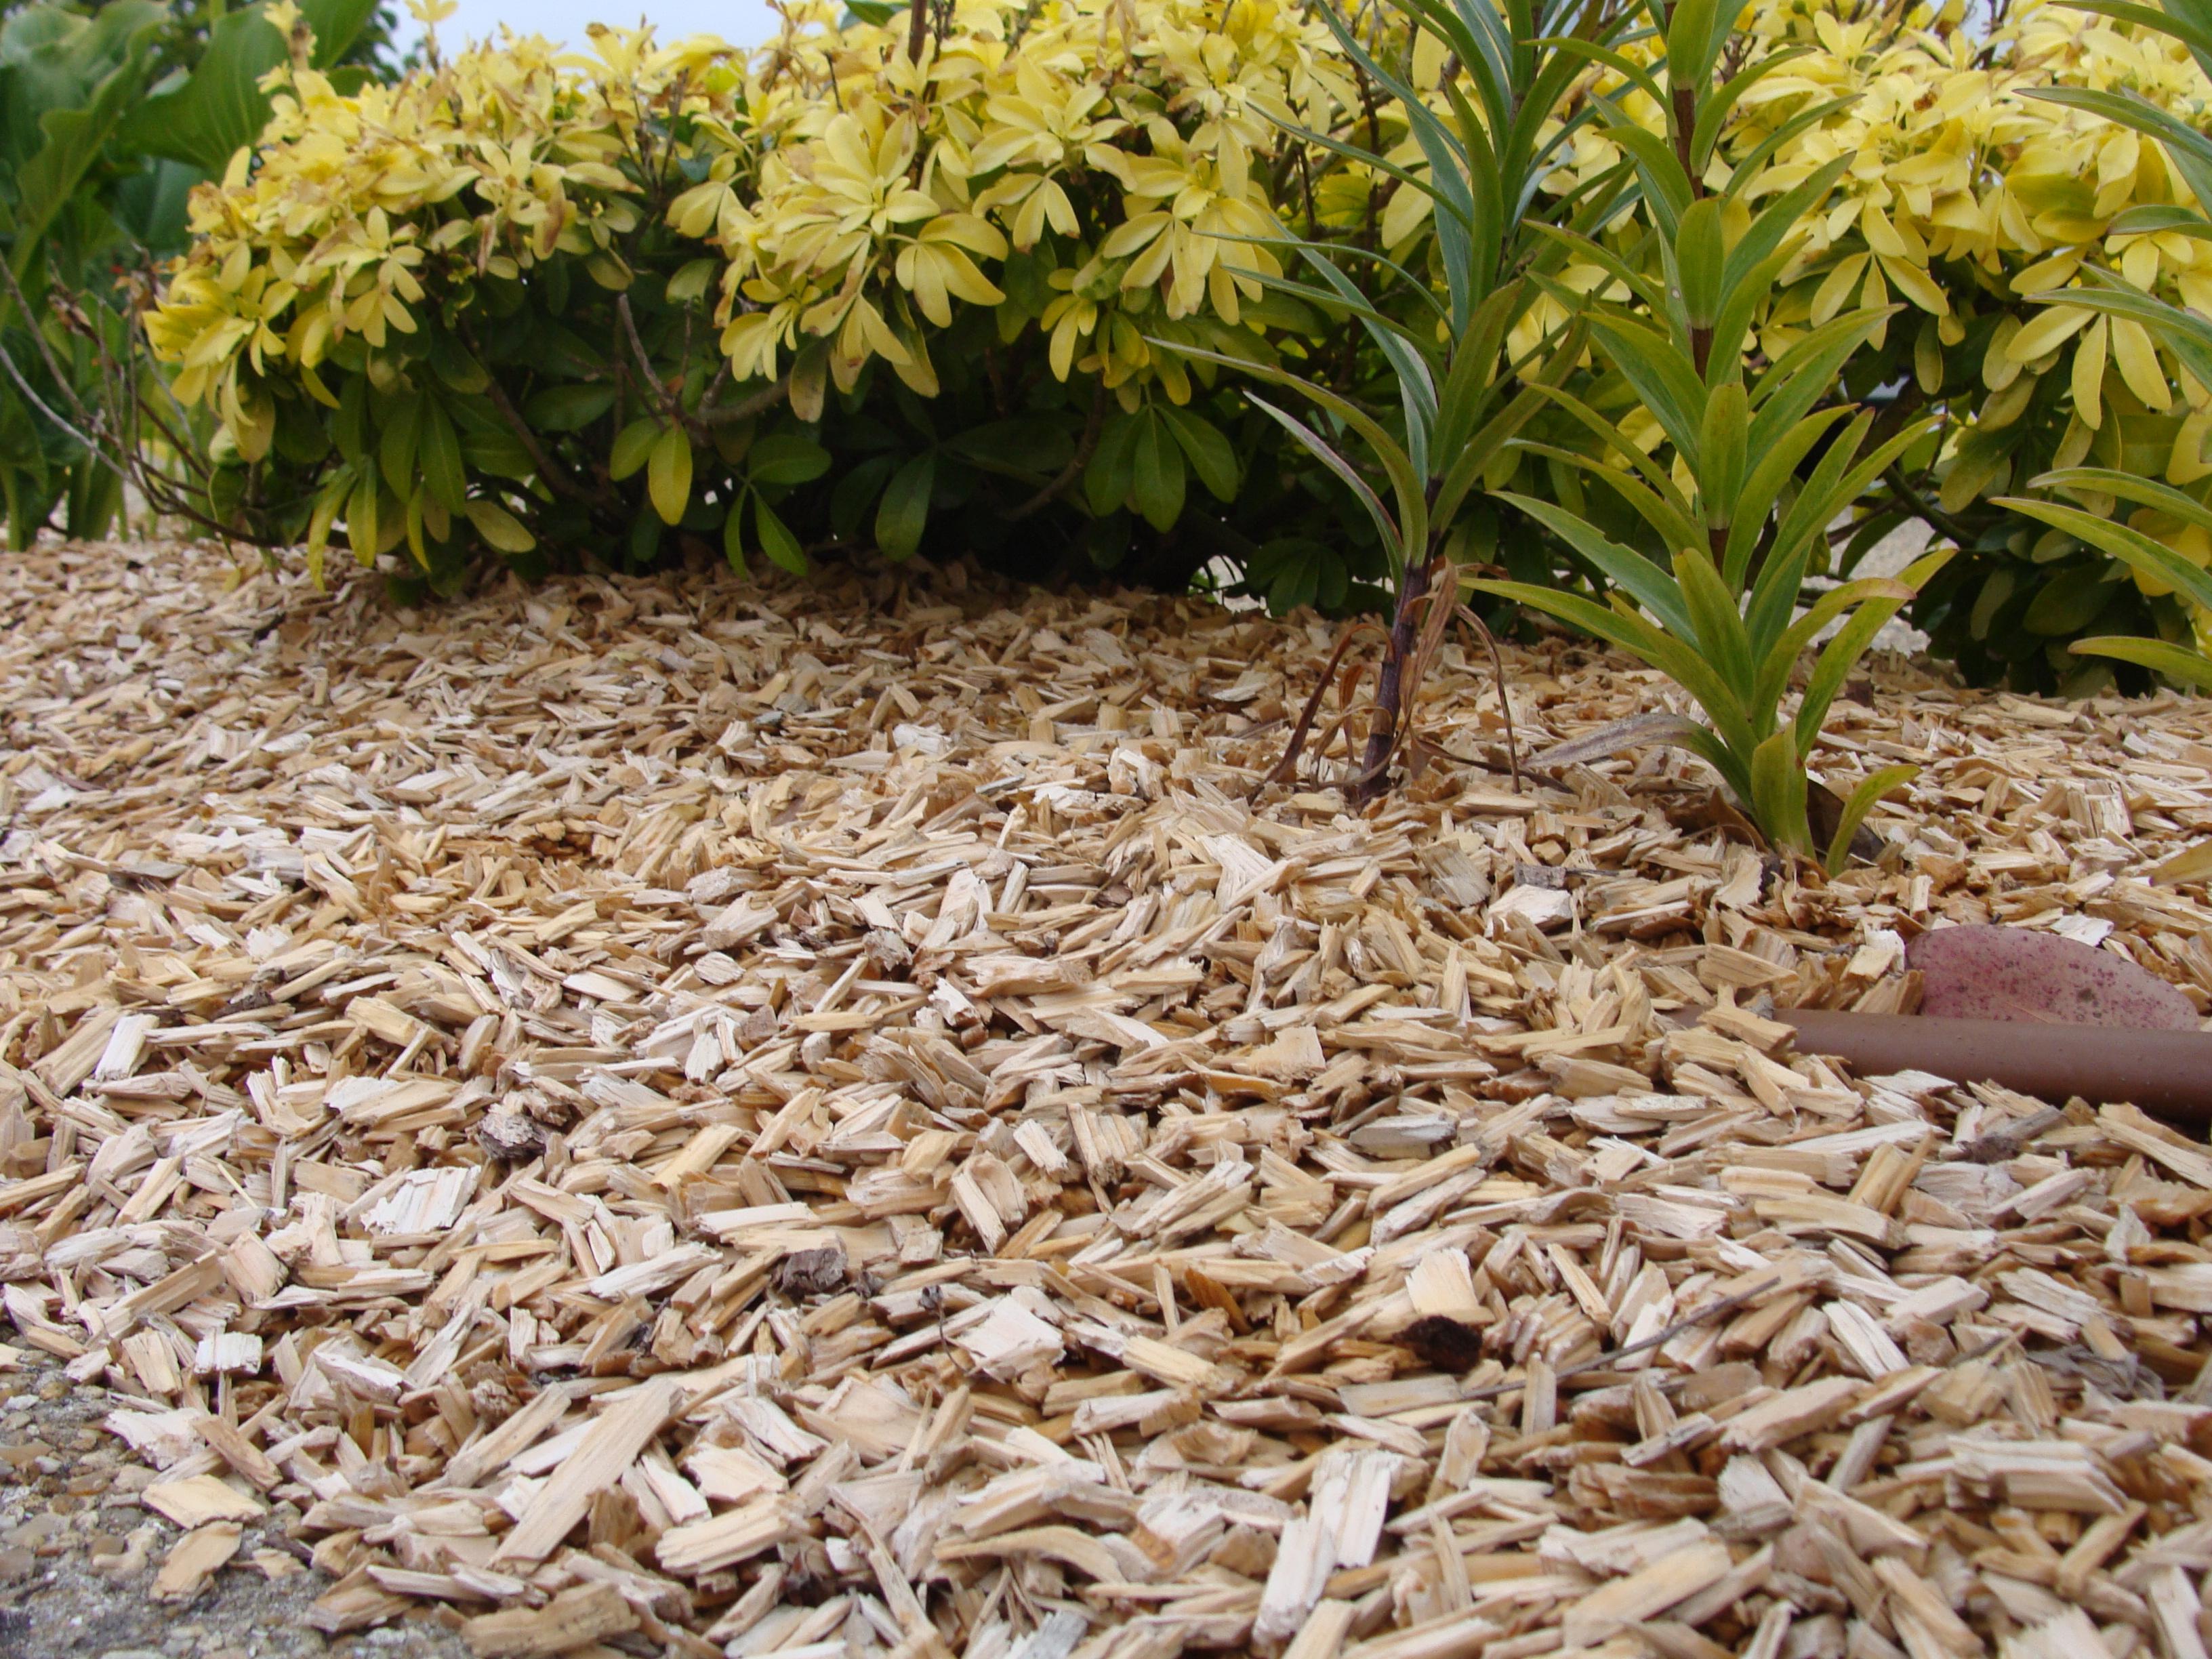 Paillage longue duree - Copeaux de bois jardin ...